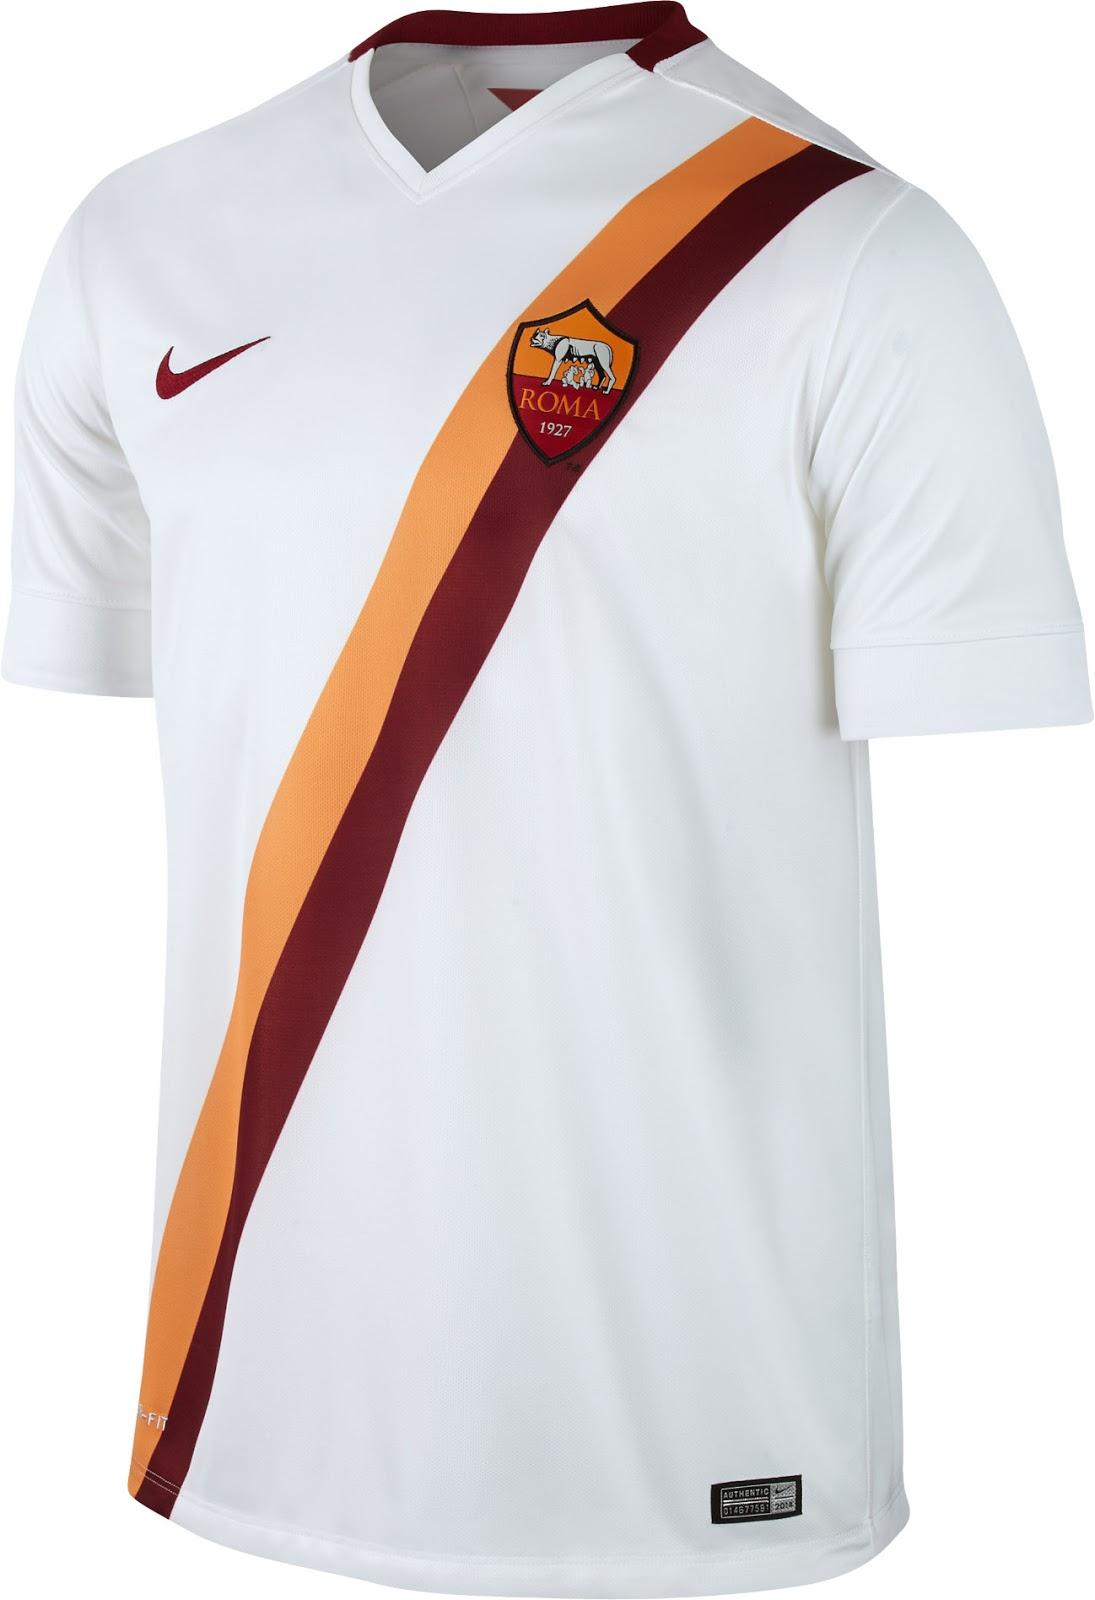 http://3.bp.blogspot.com/-_MULhWVMJS8/U84mJ53zoeI/AAAAAAAAUwA/OVyeKqsNSDs/s1600/AS-Roma-14-15-Away-Kit+%281%29.jpg